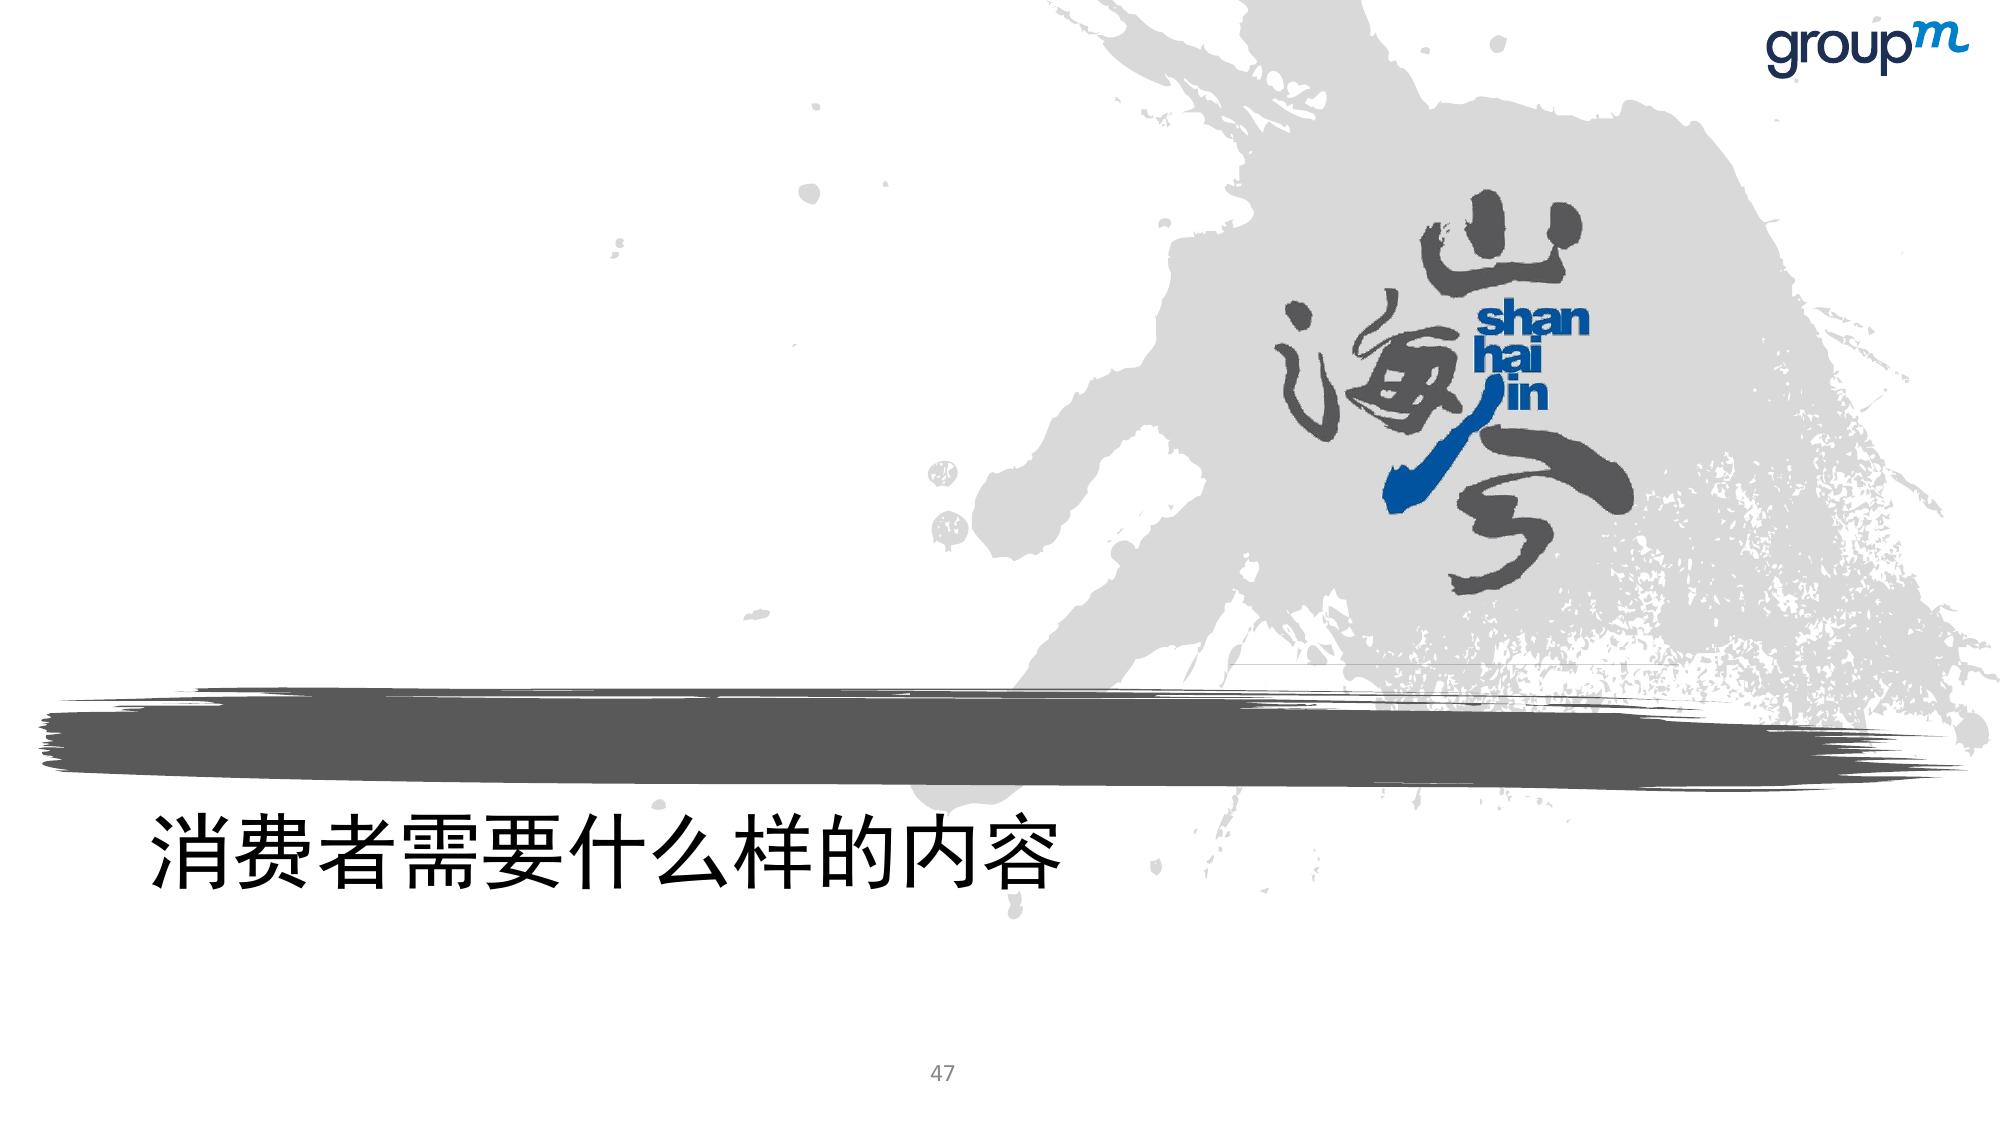 山海今2015中国媒介趋势报告_000047